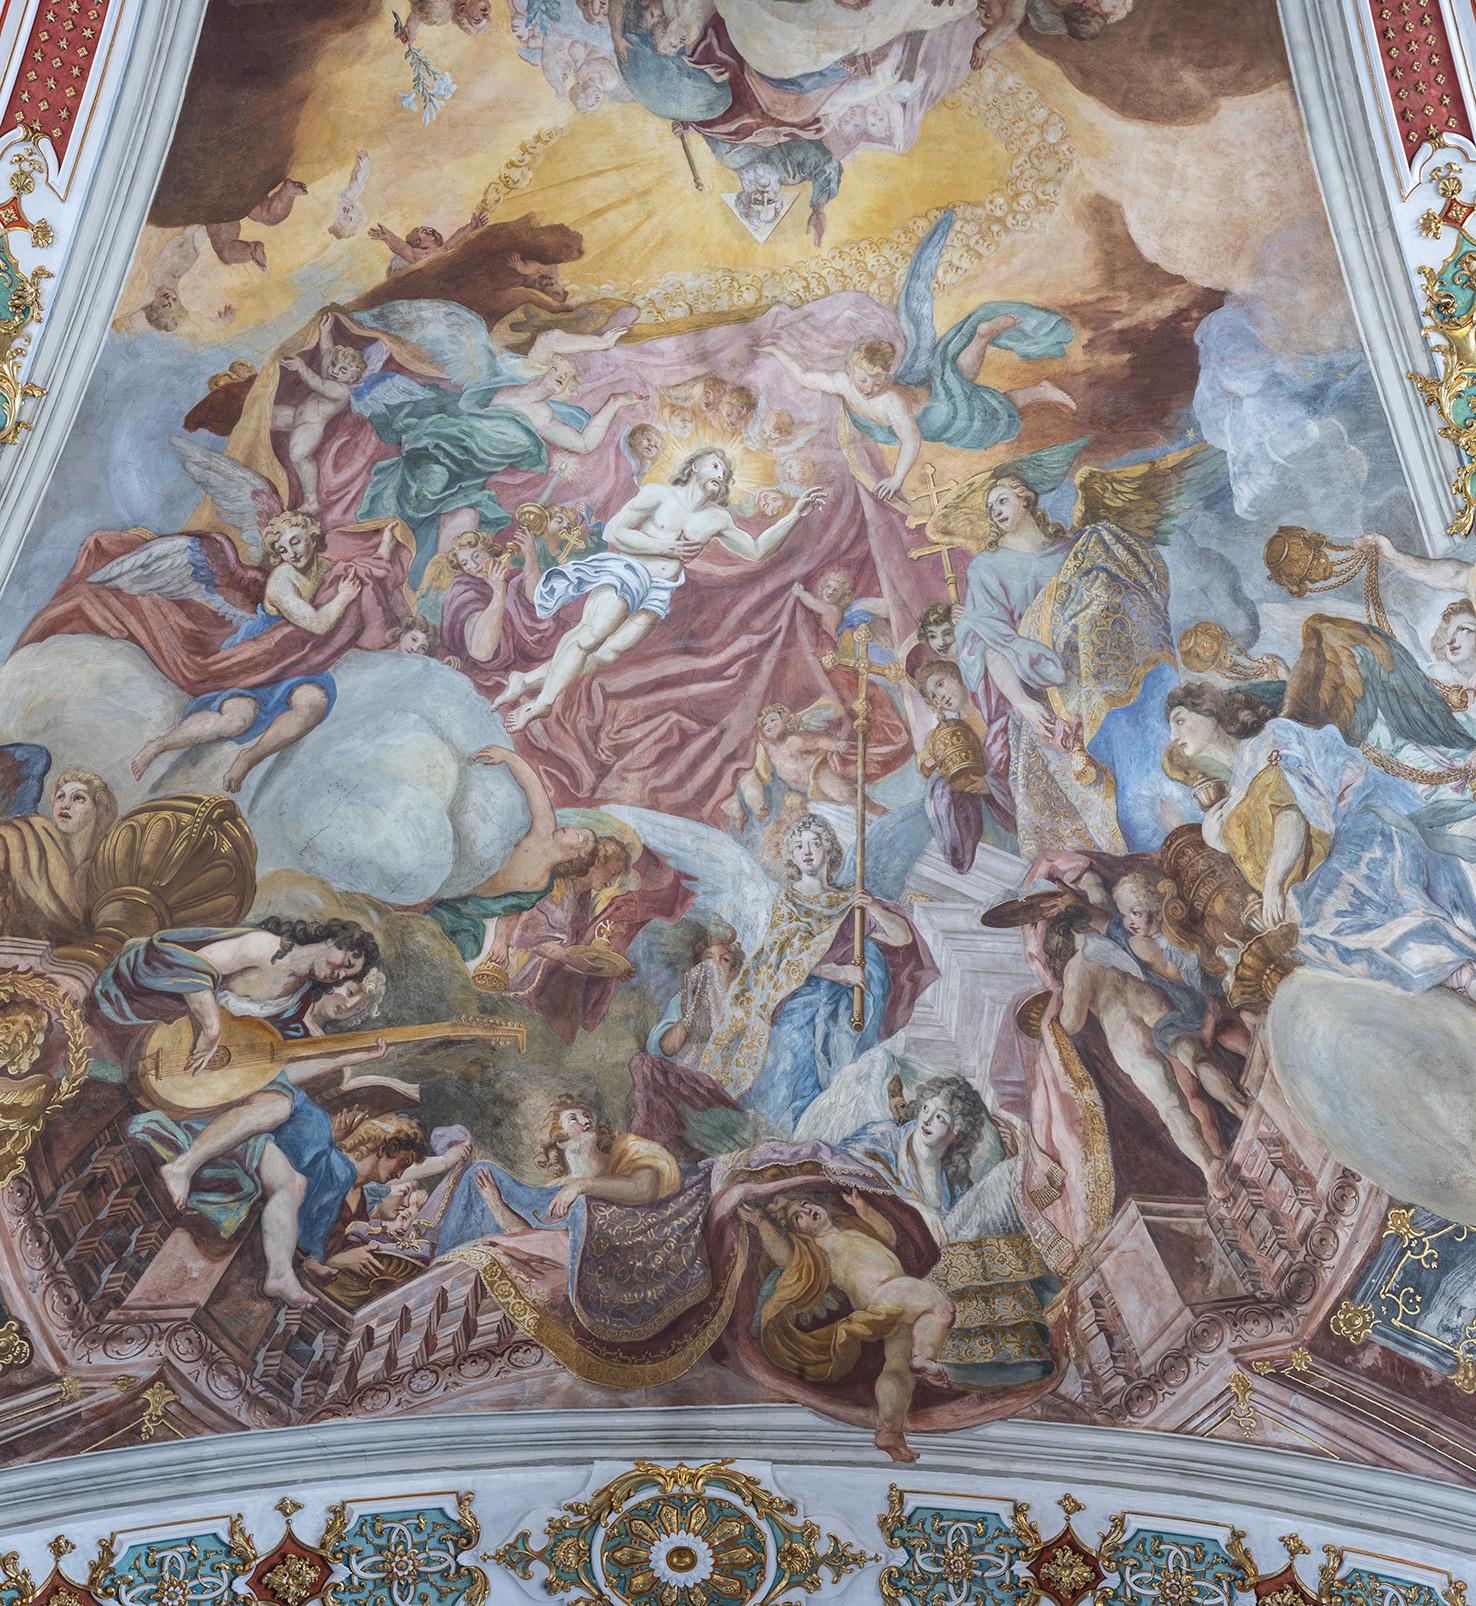 Die Engelweihe ist im Deckengewölbe über der Gnadenkapelle dargestellt: Jesus Christus weiht persönlich die Kapelle zu Ehren seiner Mutter Maria.